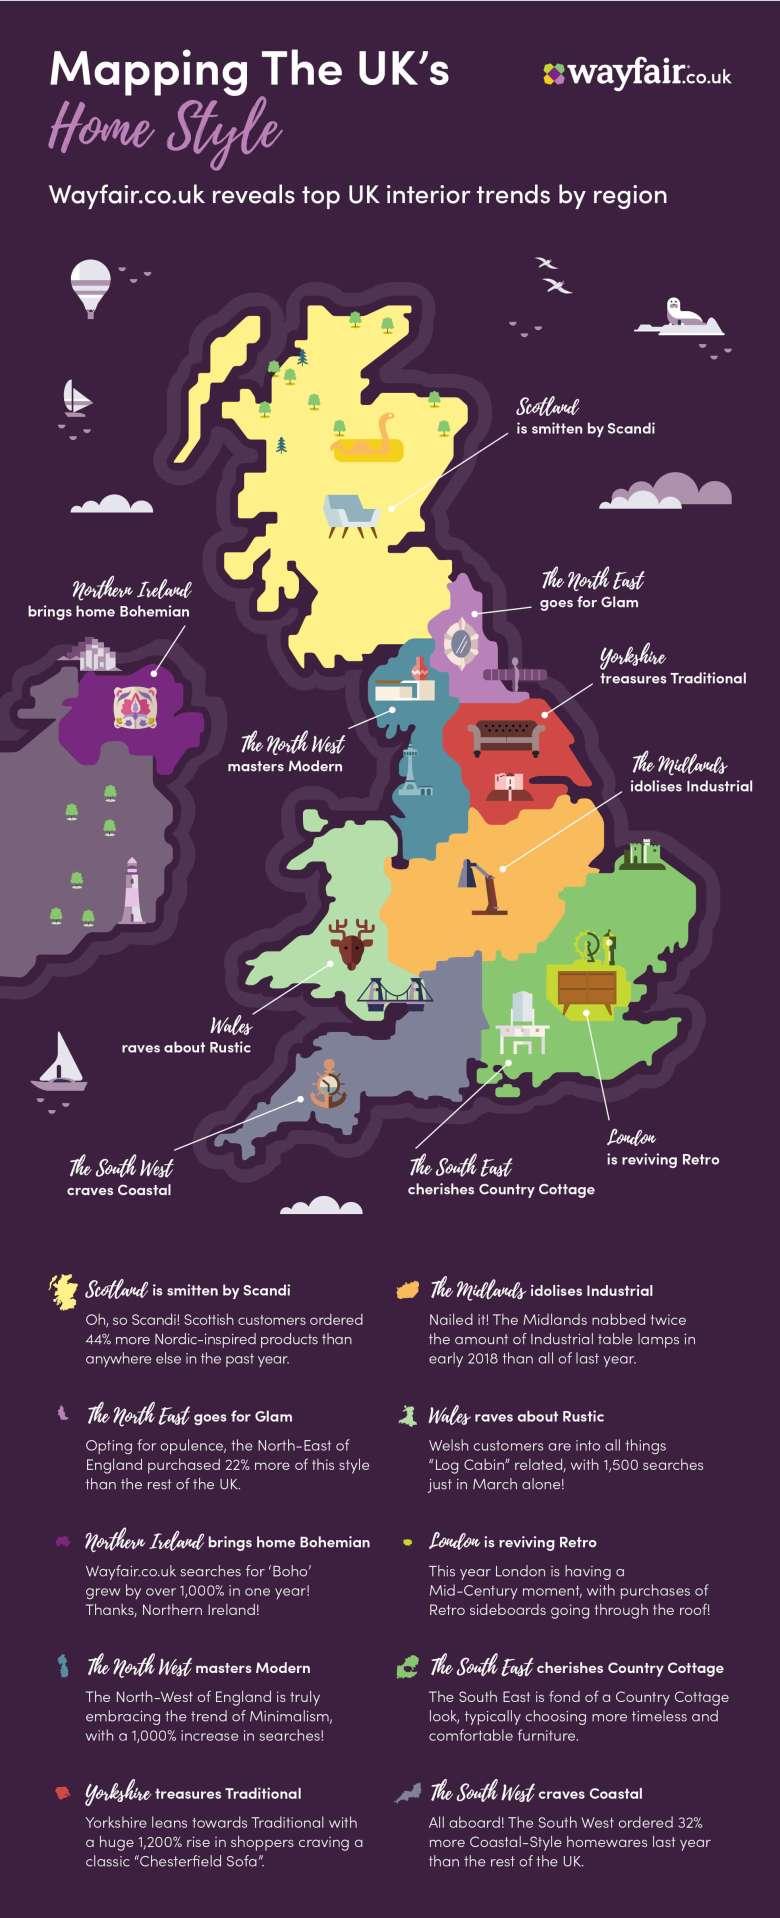 Wayfair style by region map